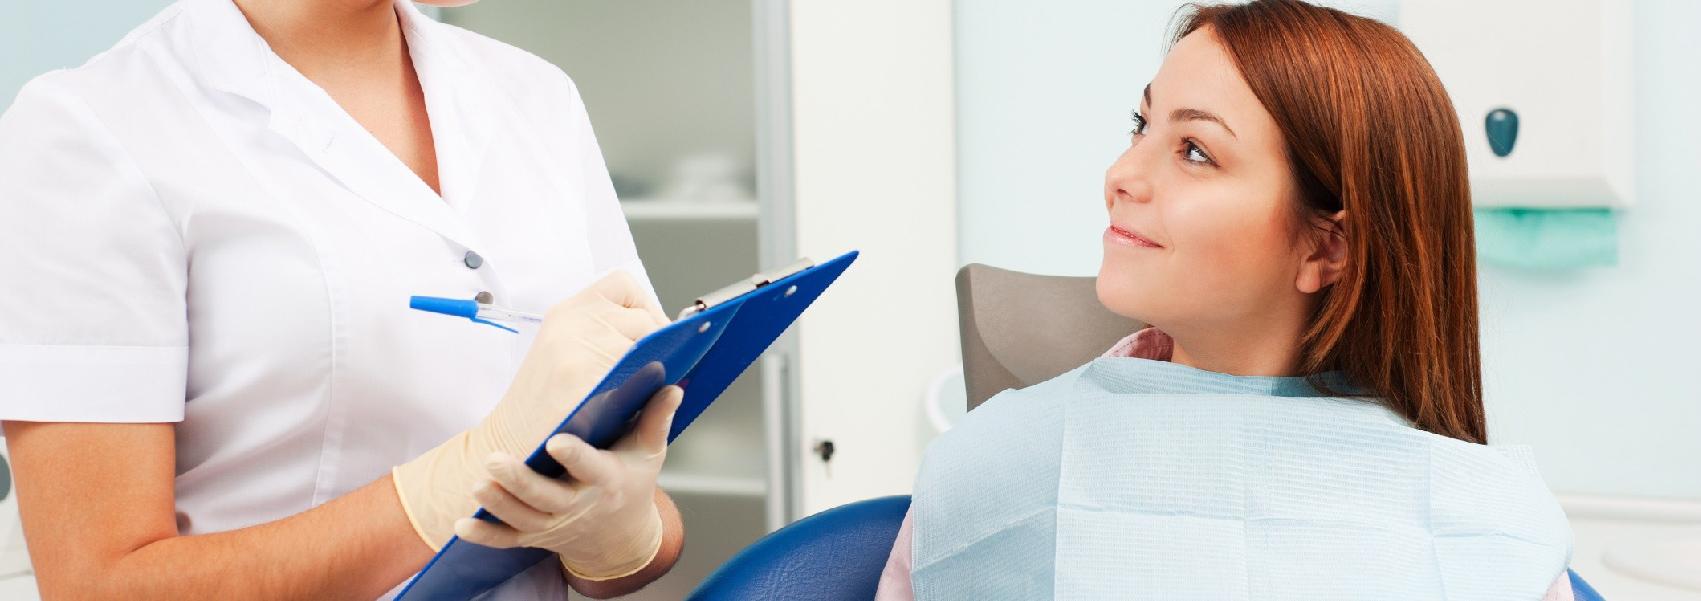 Aumentar pacientes de tu clínica